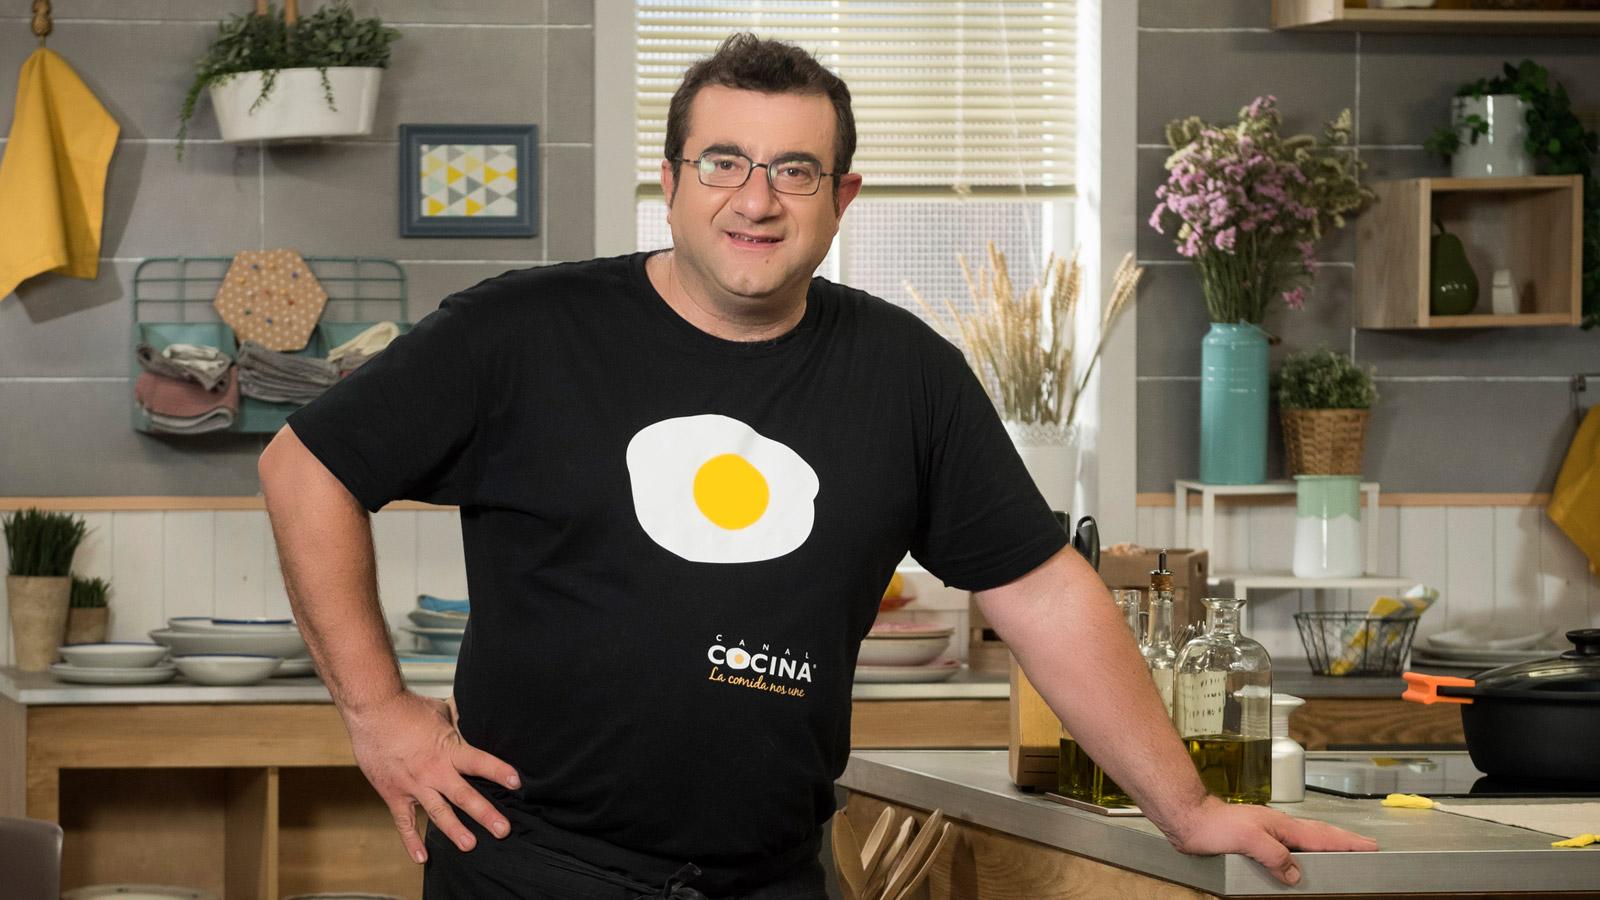 sergio fern ndez cocineros canal cocina